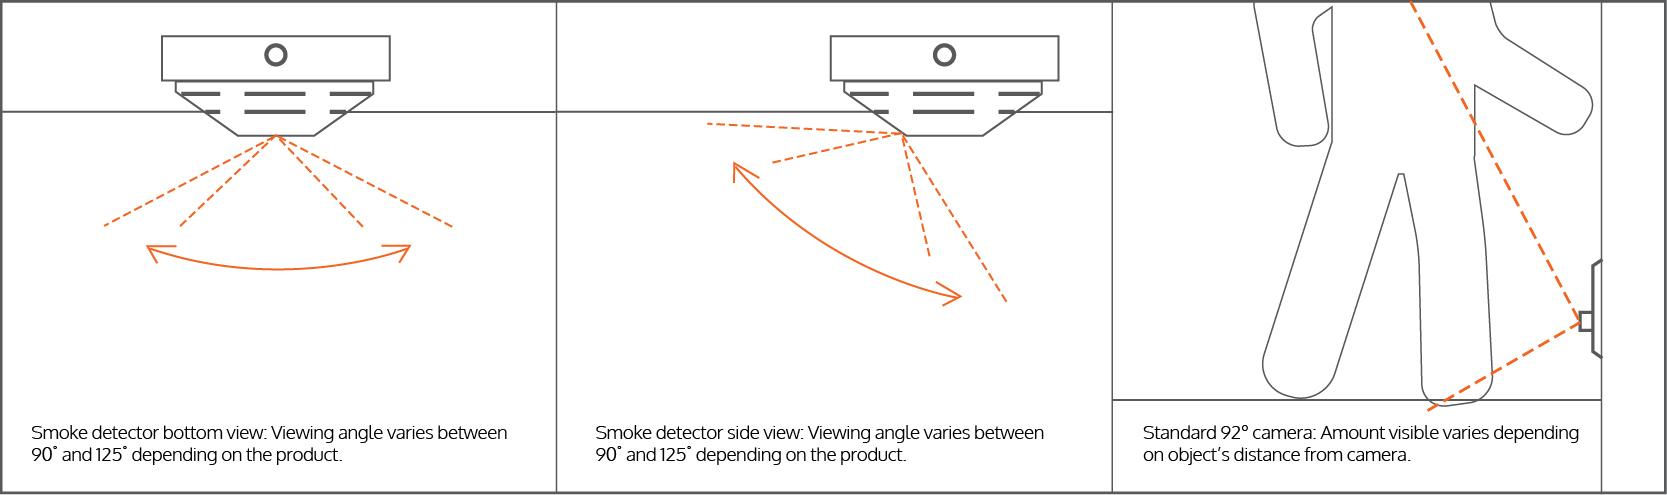 field-of-view-diagrams-03.jpg